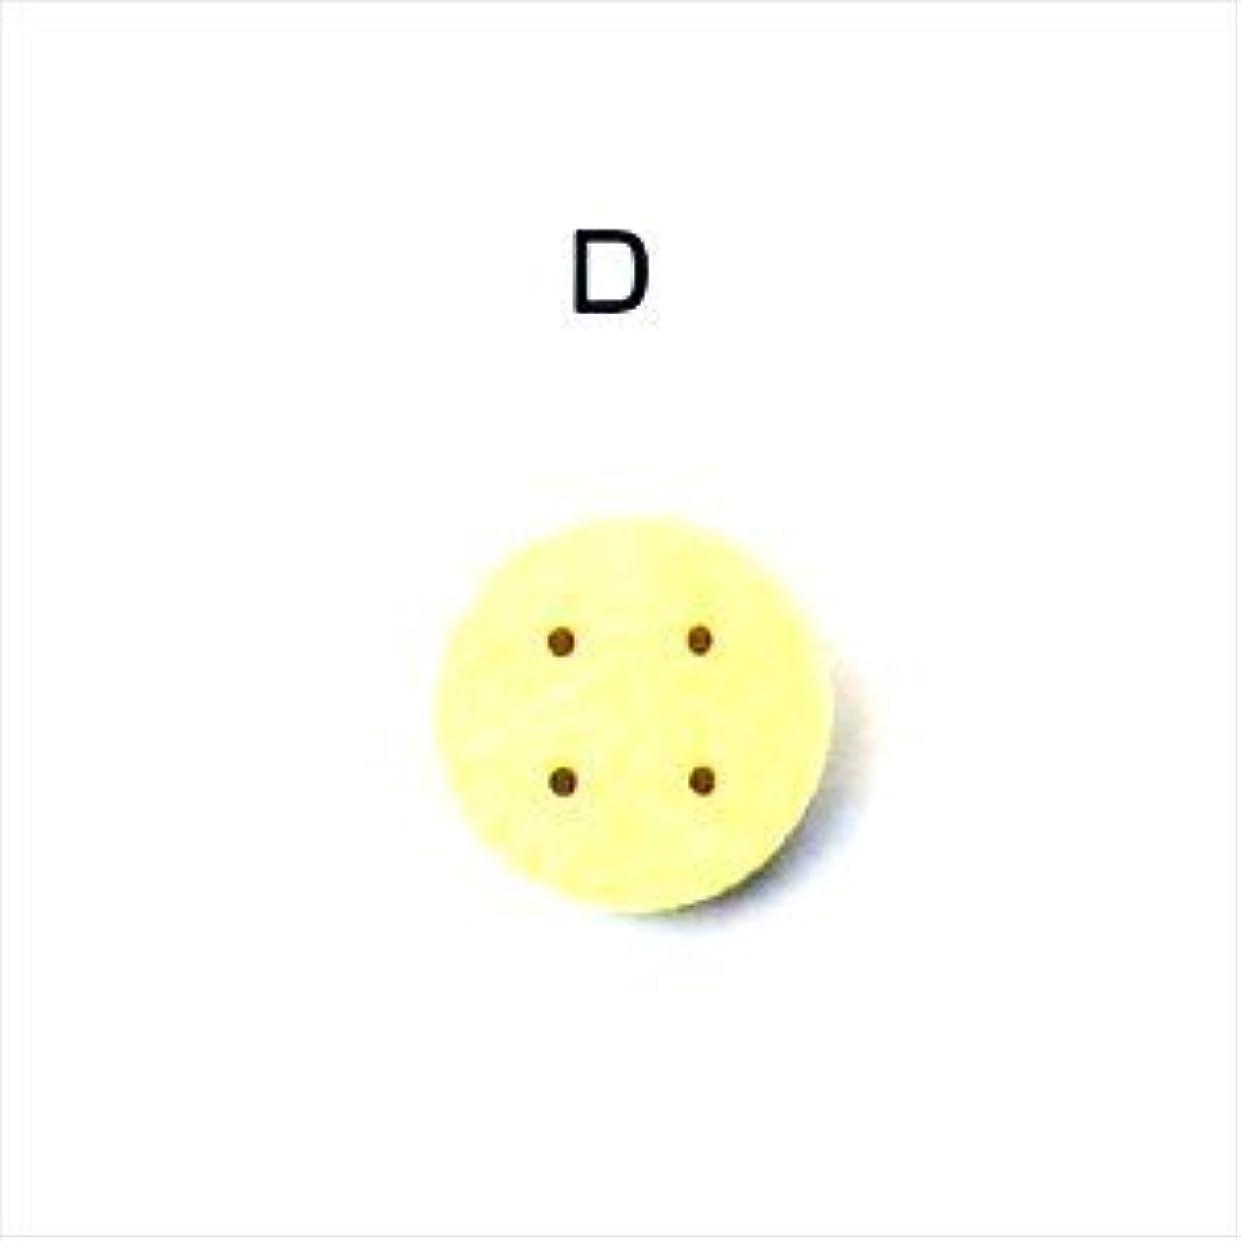 銅宿泊発明する【メディカルブック】1.丸型 R-D スポンジ 4個入(SE-451D) - 干渉波?吸引用